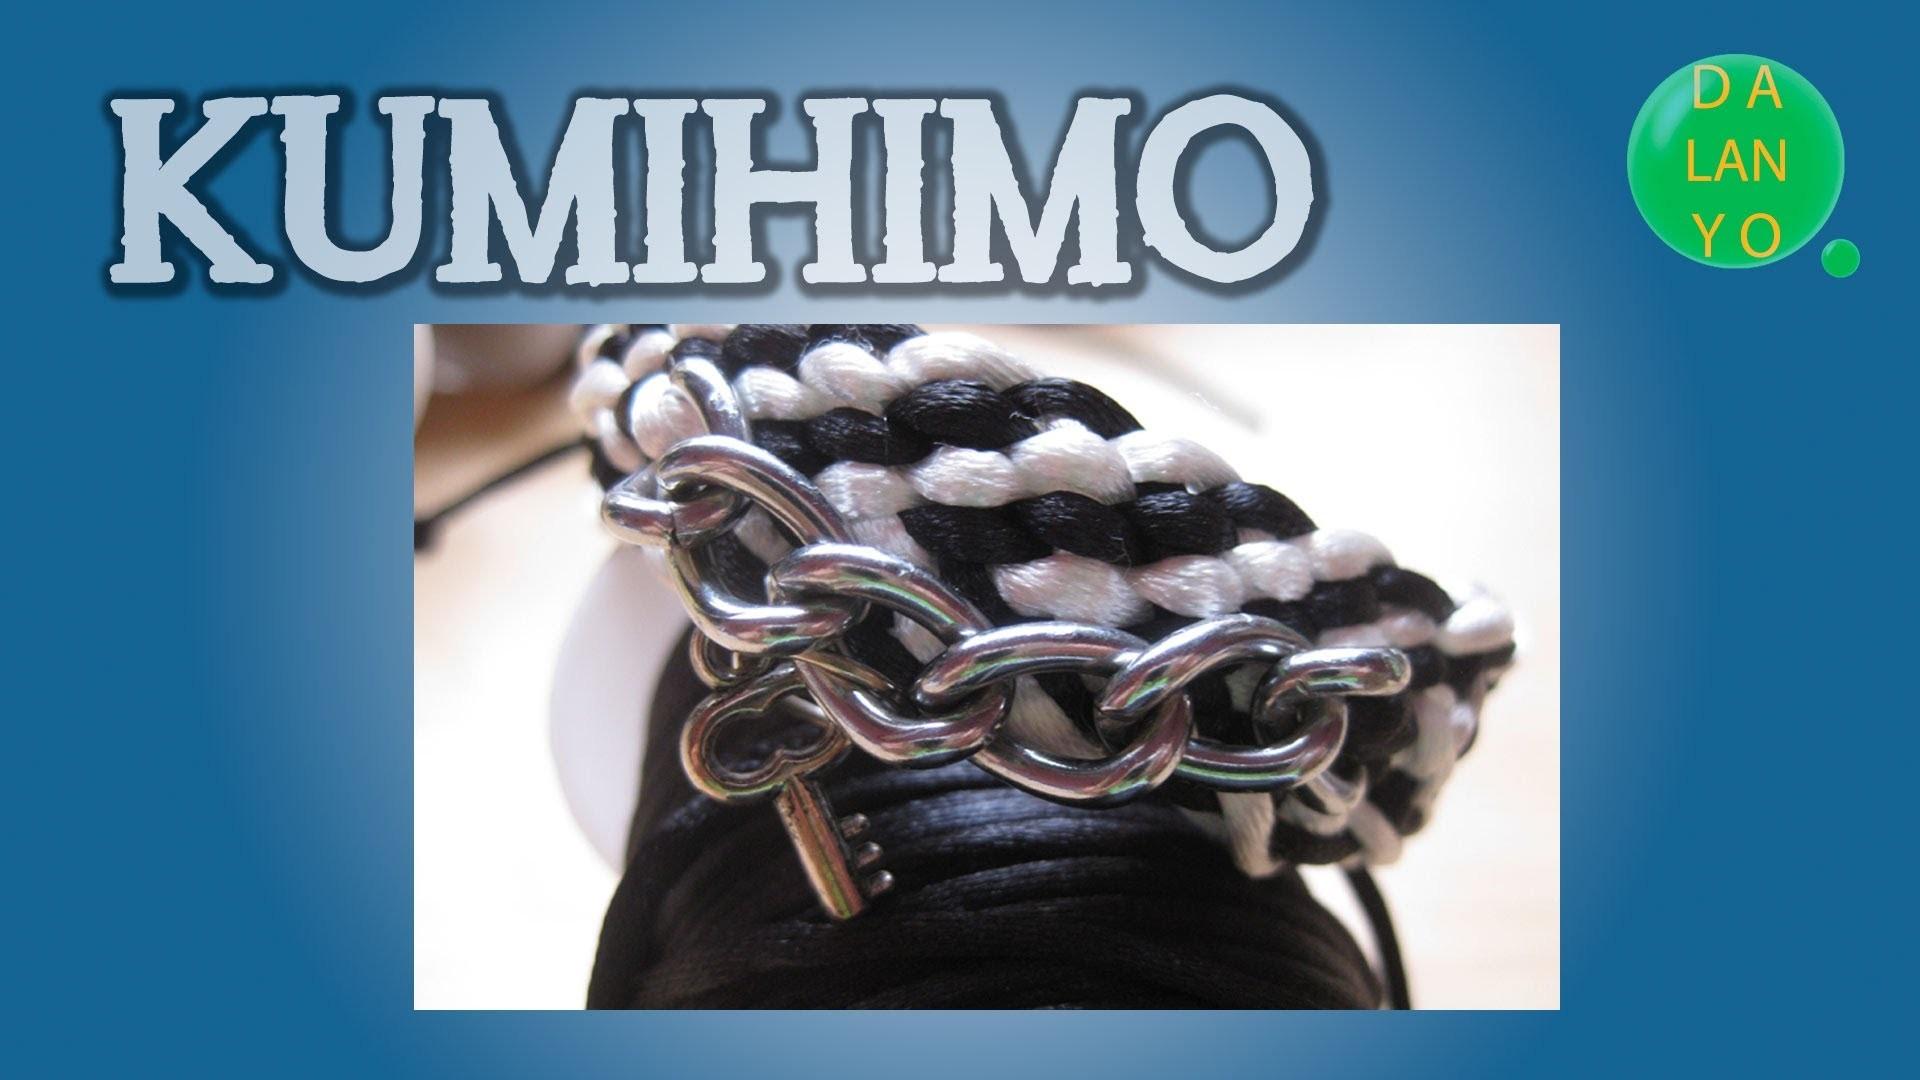 Pulsera blanca y negra cadena | Kumihimo | Tutorial | DIY